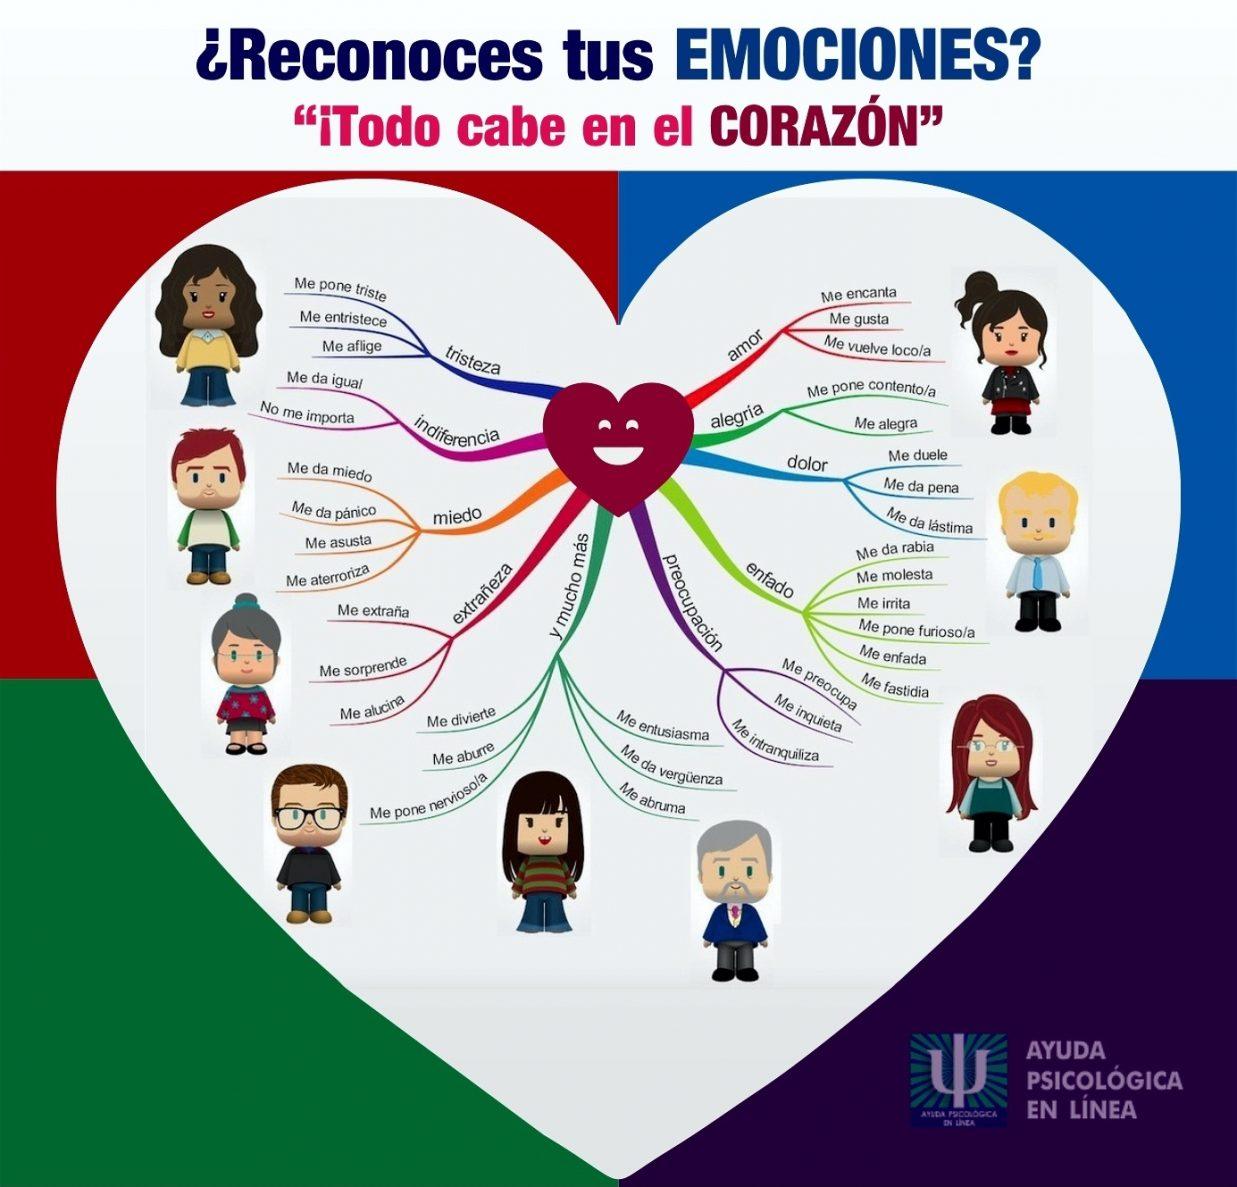 Infografia reconoces tus emociones